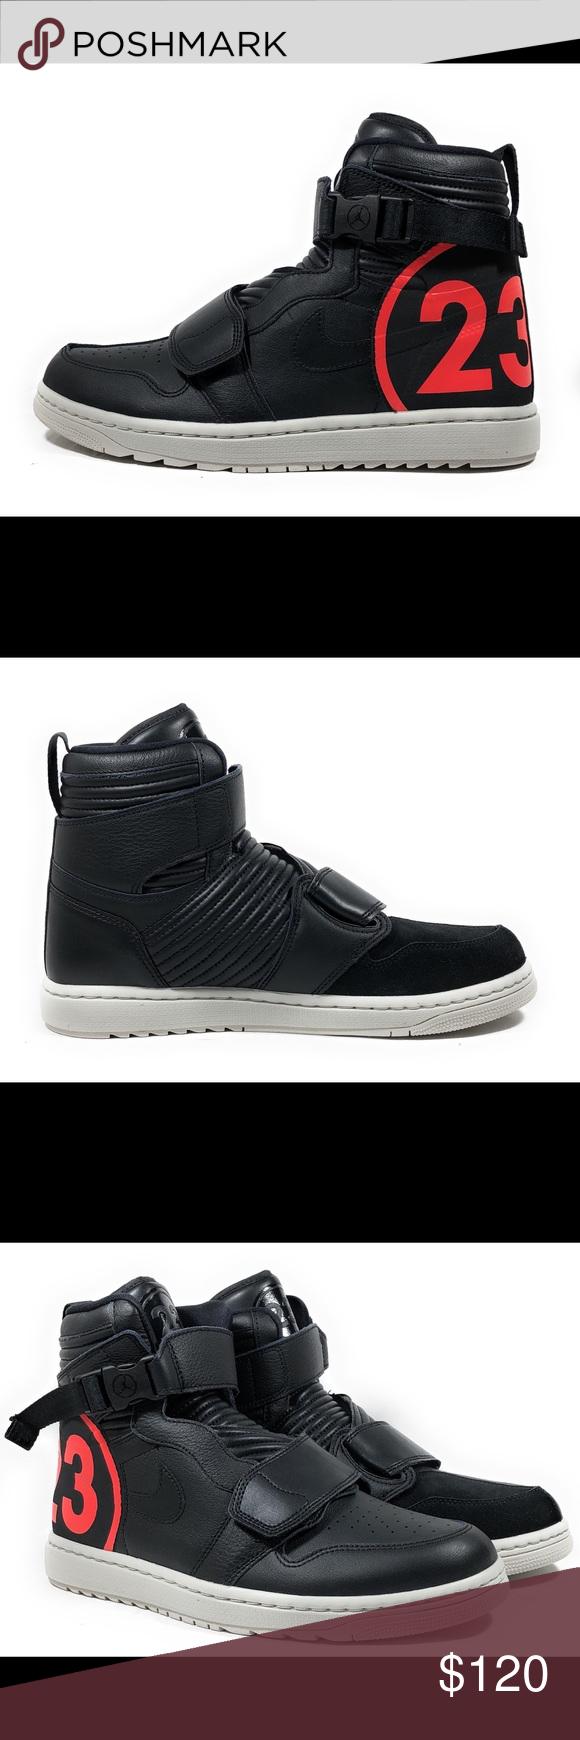 NEW💥Nike Air Jordan 1 Moto Men's Basketball Shoes Nike Air